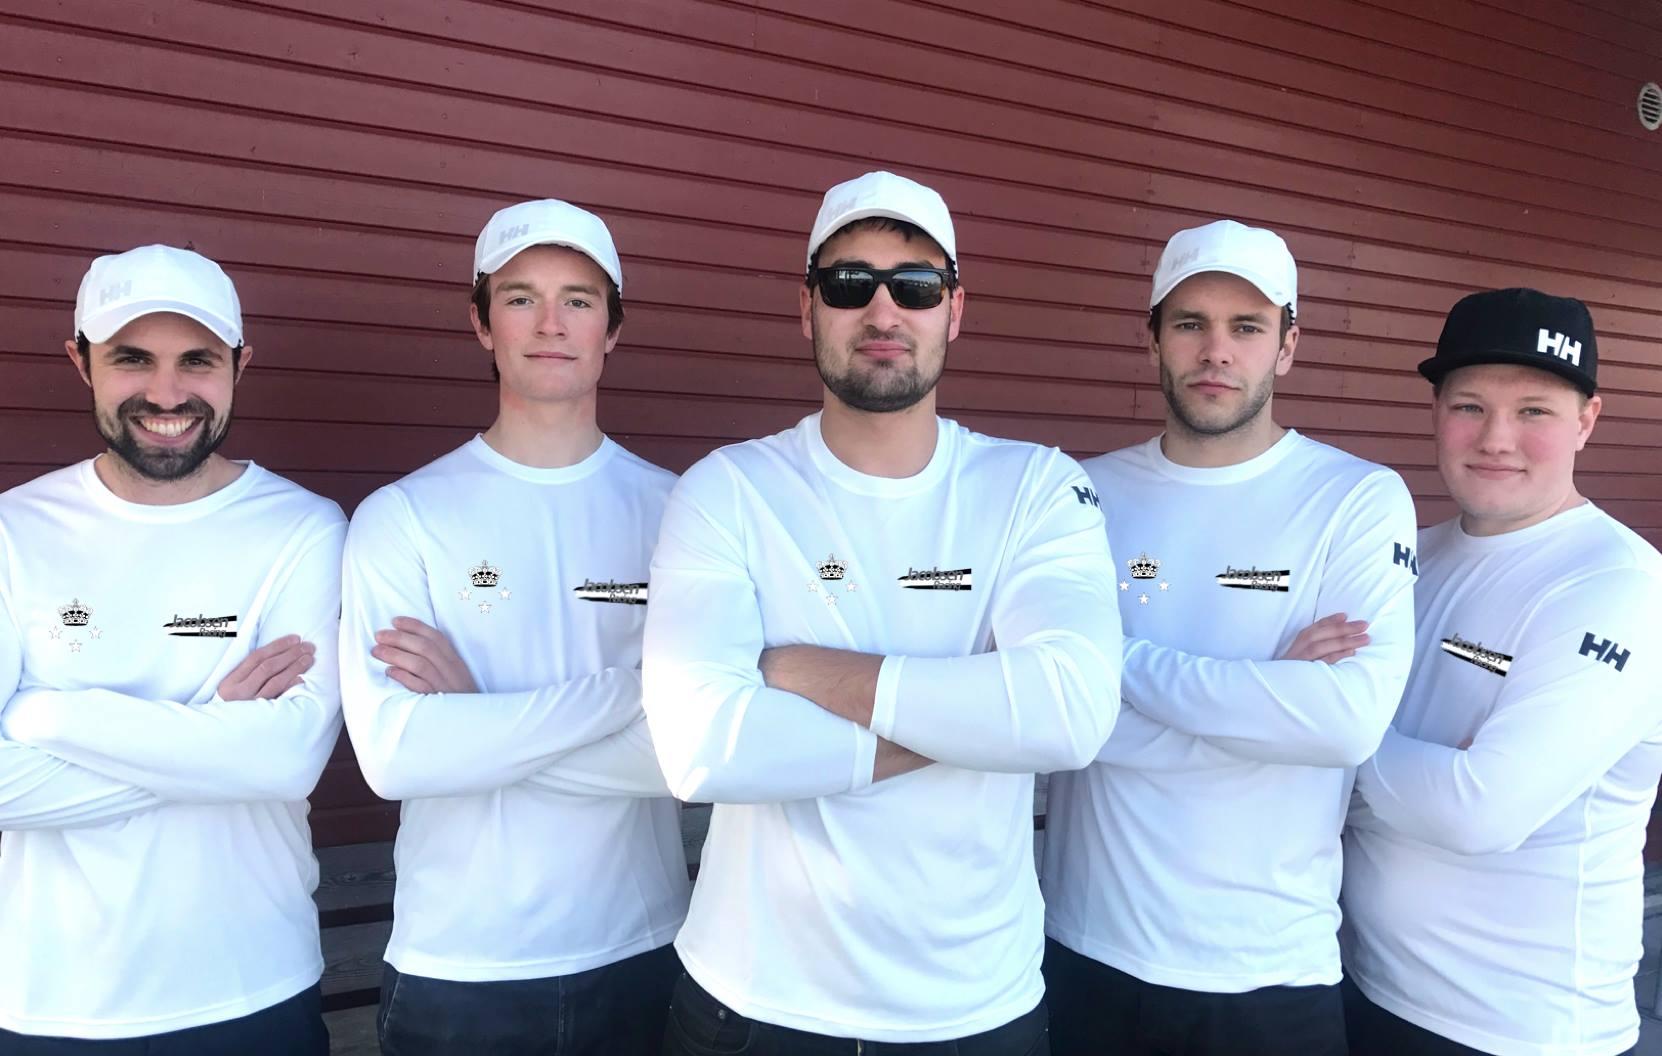 Jacobsen Racing team Fra højre Står Vikter Kenting, August La Cour, Felix Jacobsen, Sebastian Pieters og Toby Austin-Fraser